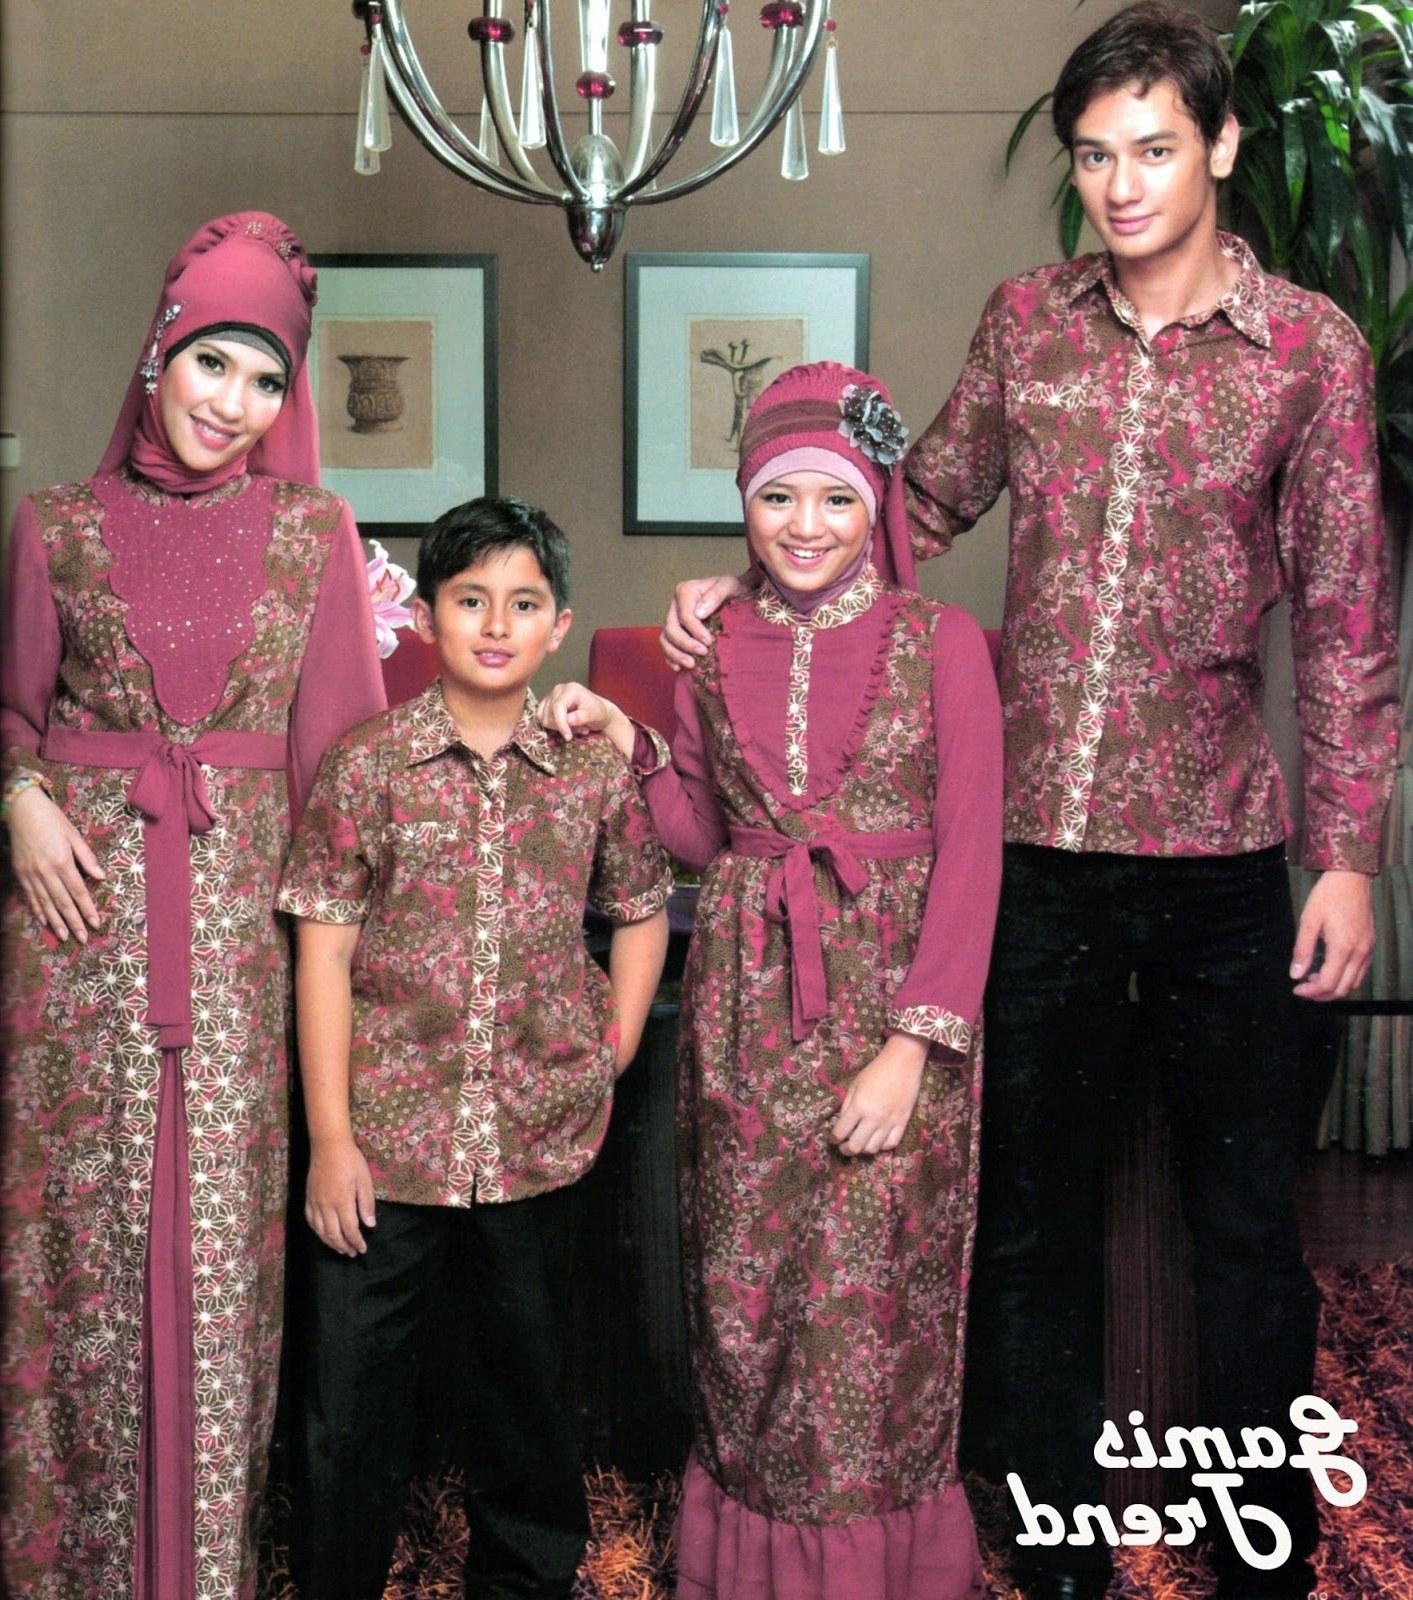 Inspirasi Baju Lebaran Untuk Anak Bqdd Model Baju Batik Muslim Anak